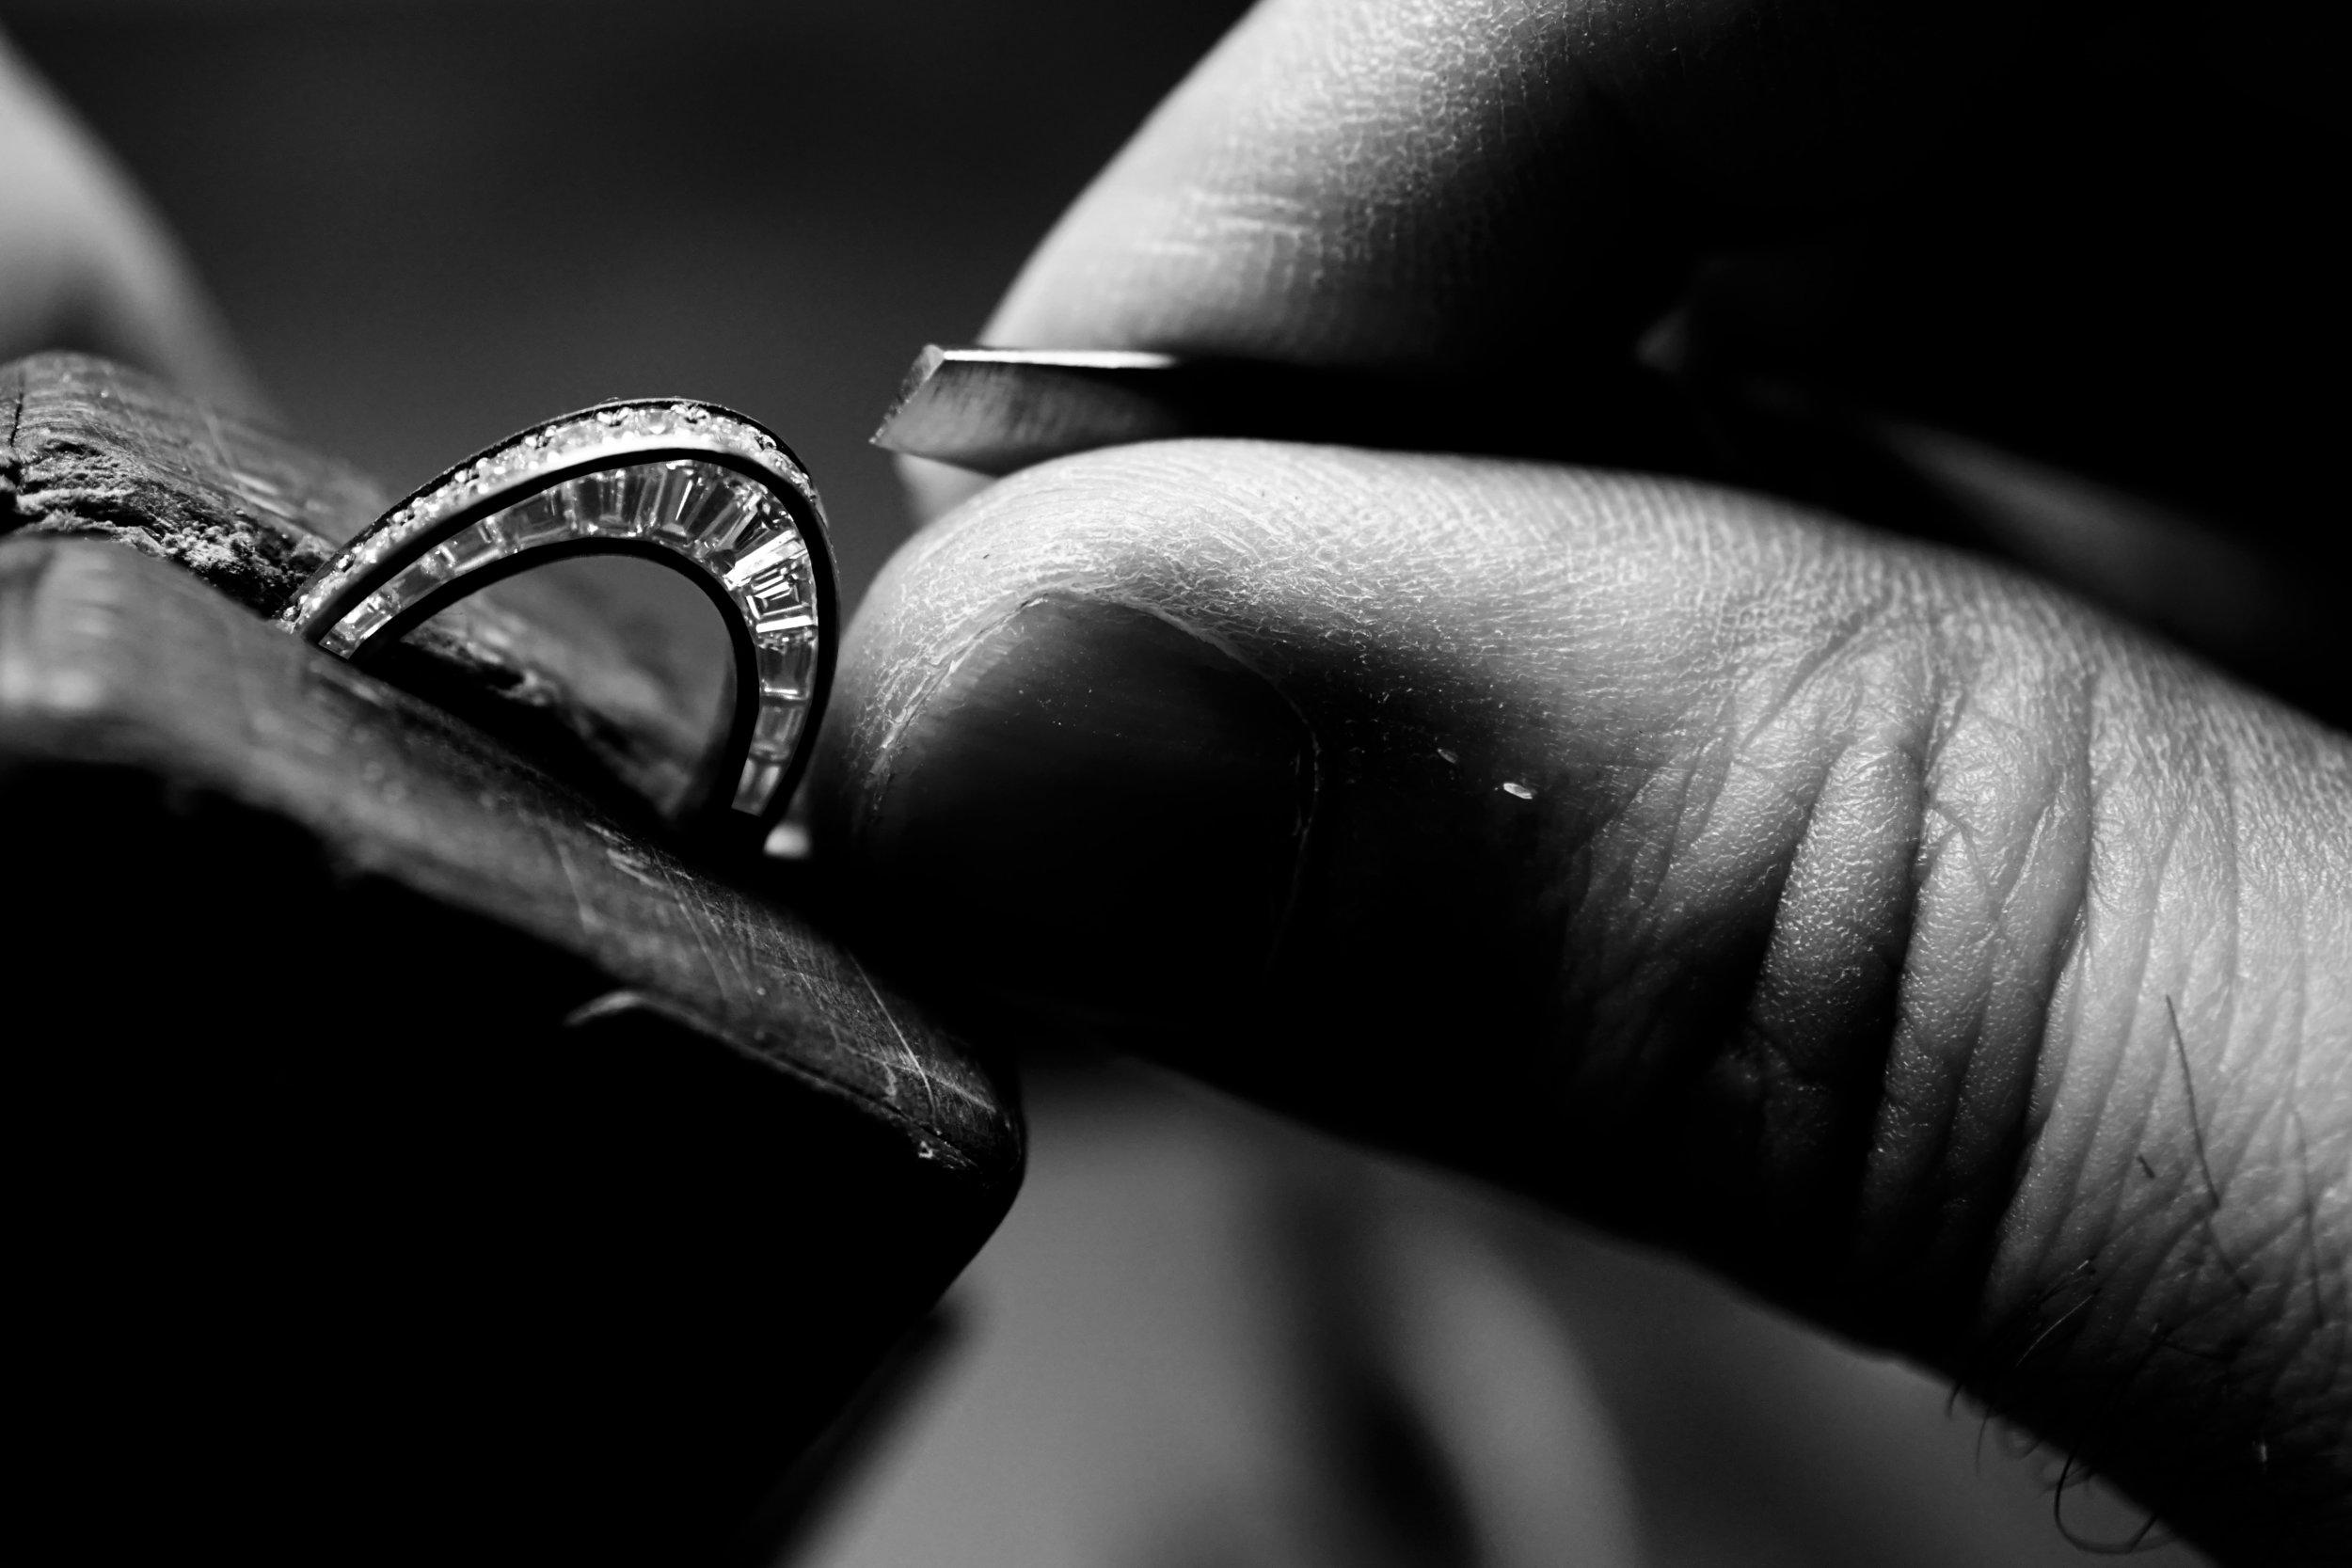 Regent Beau Brummell Tourbillon pocket watch craftsmanship